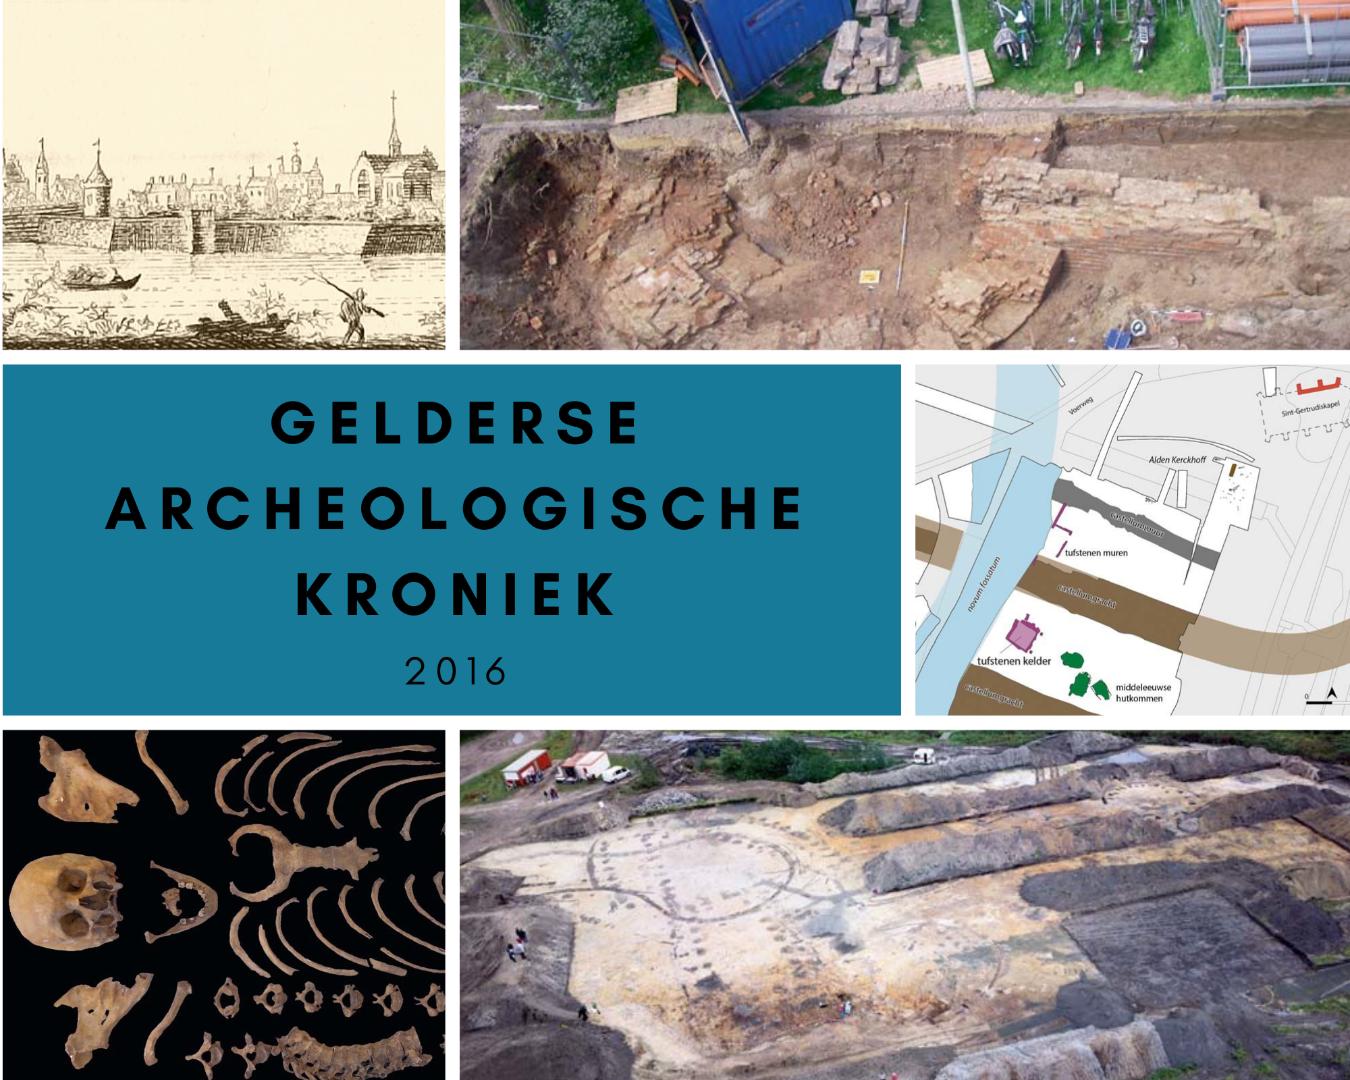 Gelderse Archeologische Kroniek 2016